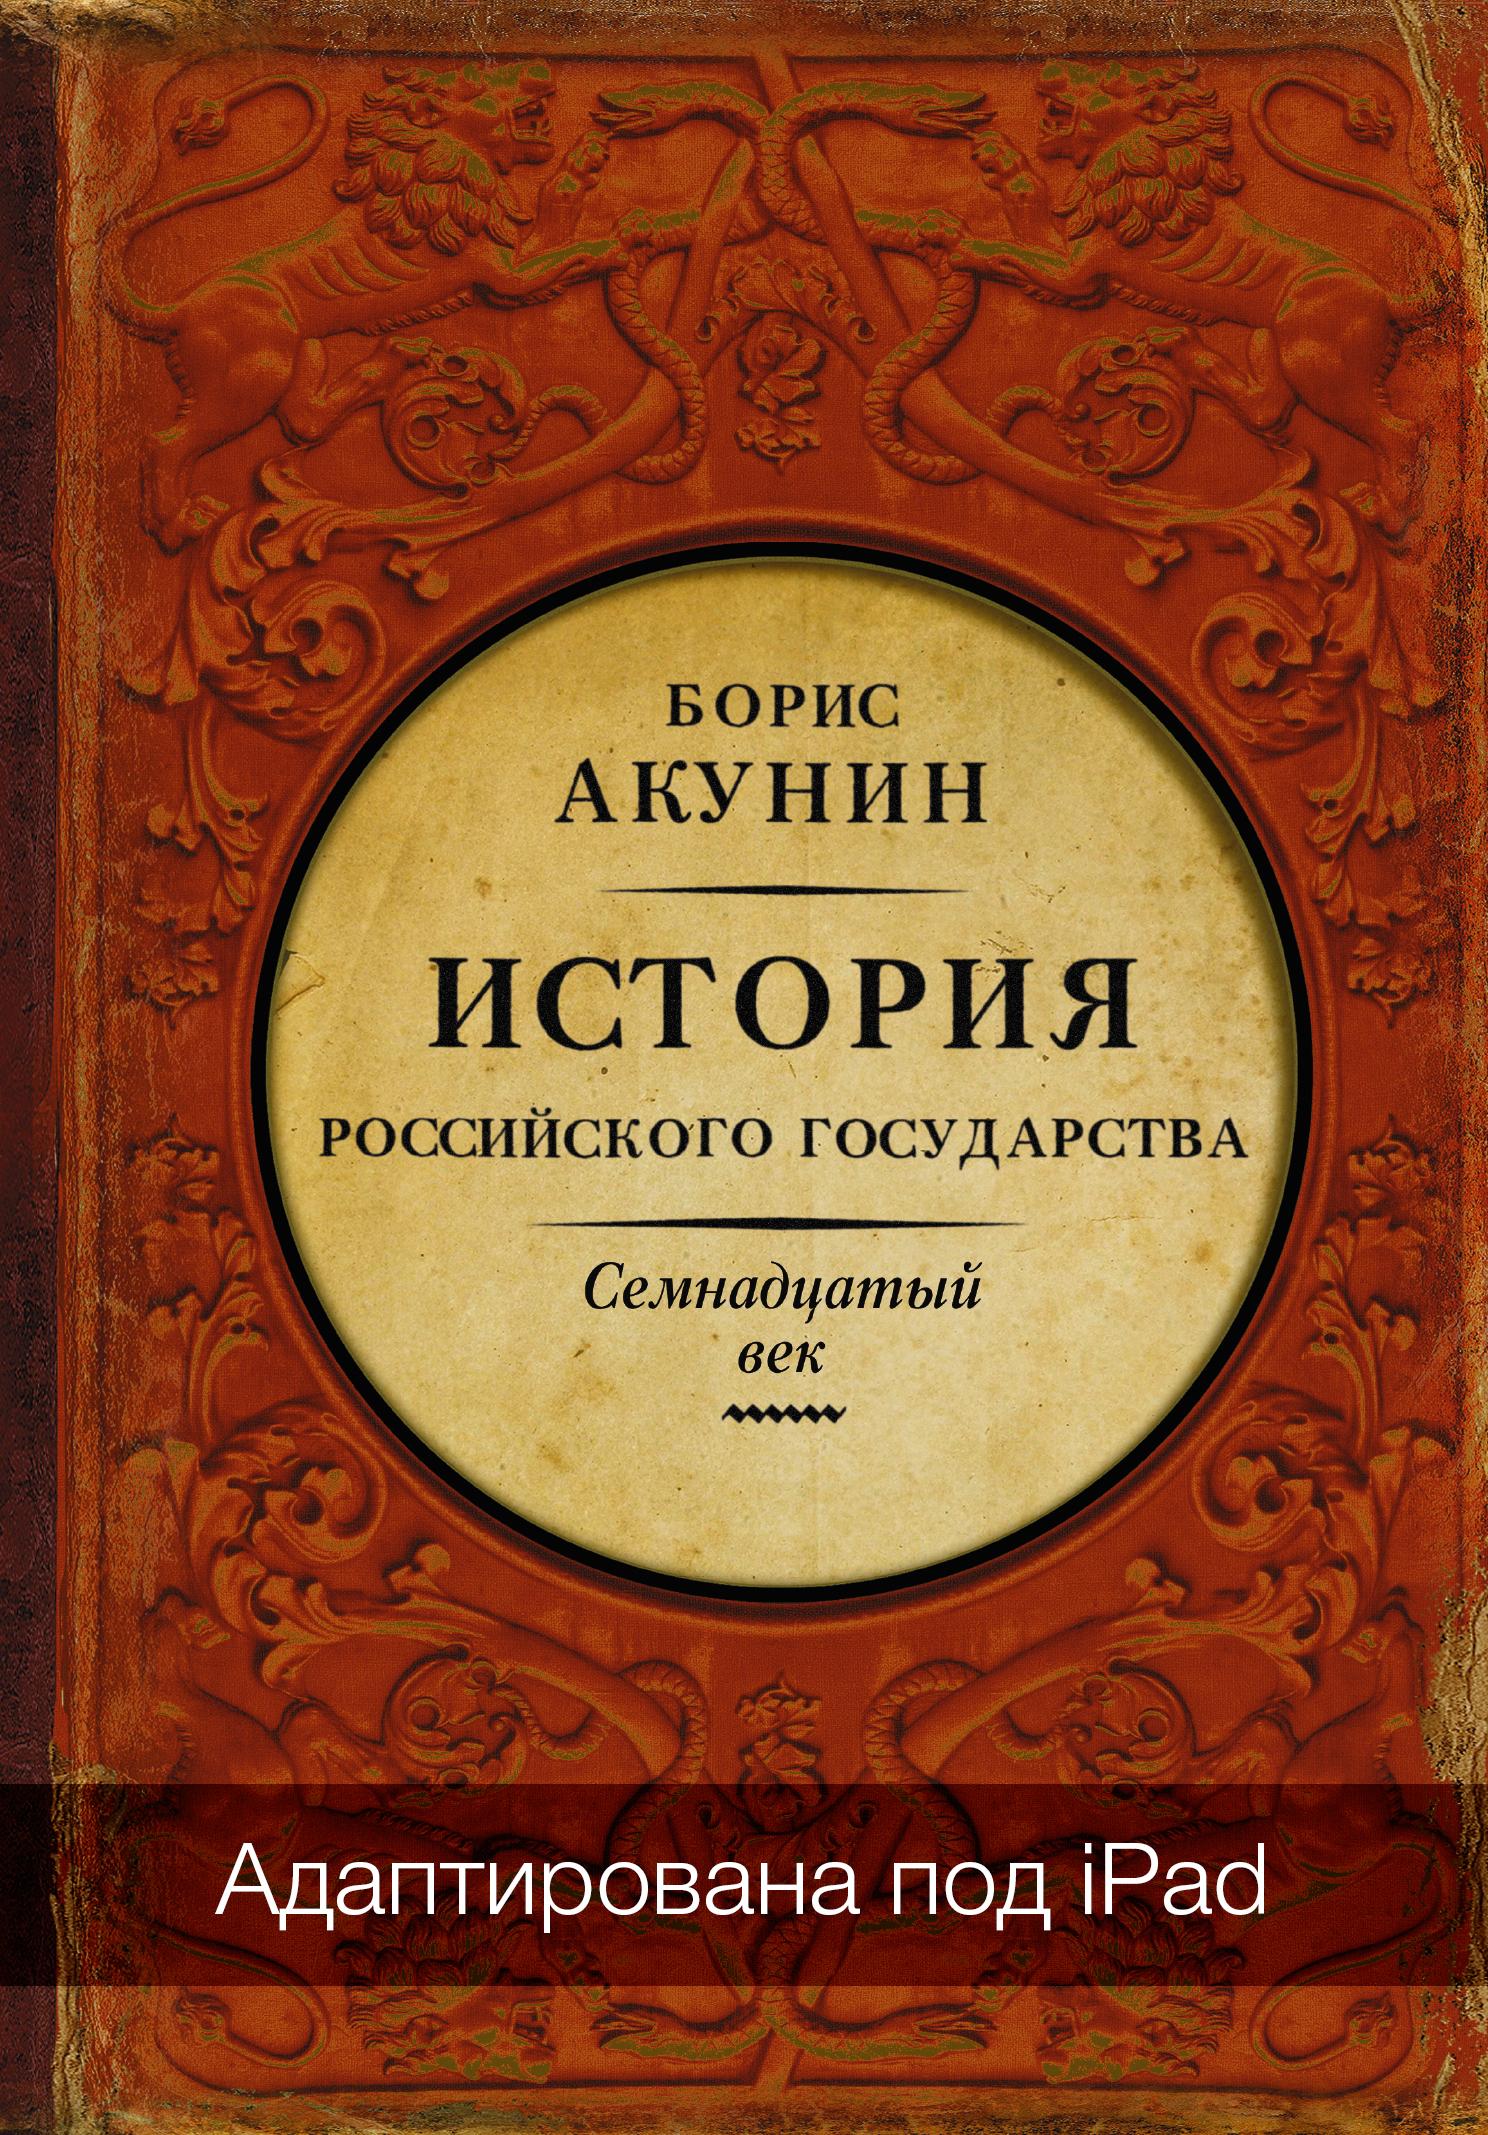 mezhdu evropoy i aziey istoriya rossiyskogo gosudarstva semnadtsatyy vek adaptirovana pod ipad